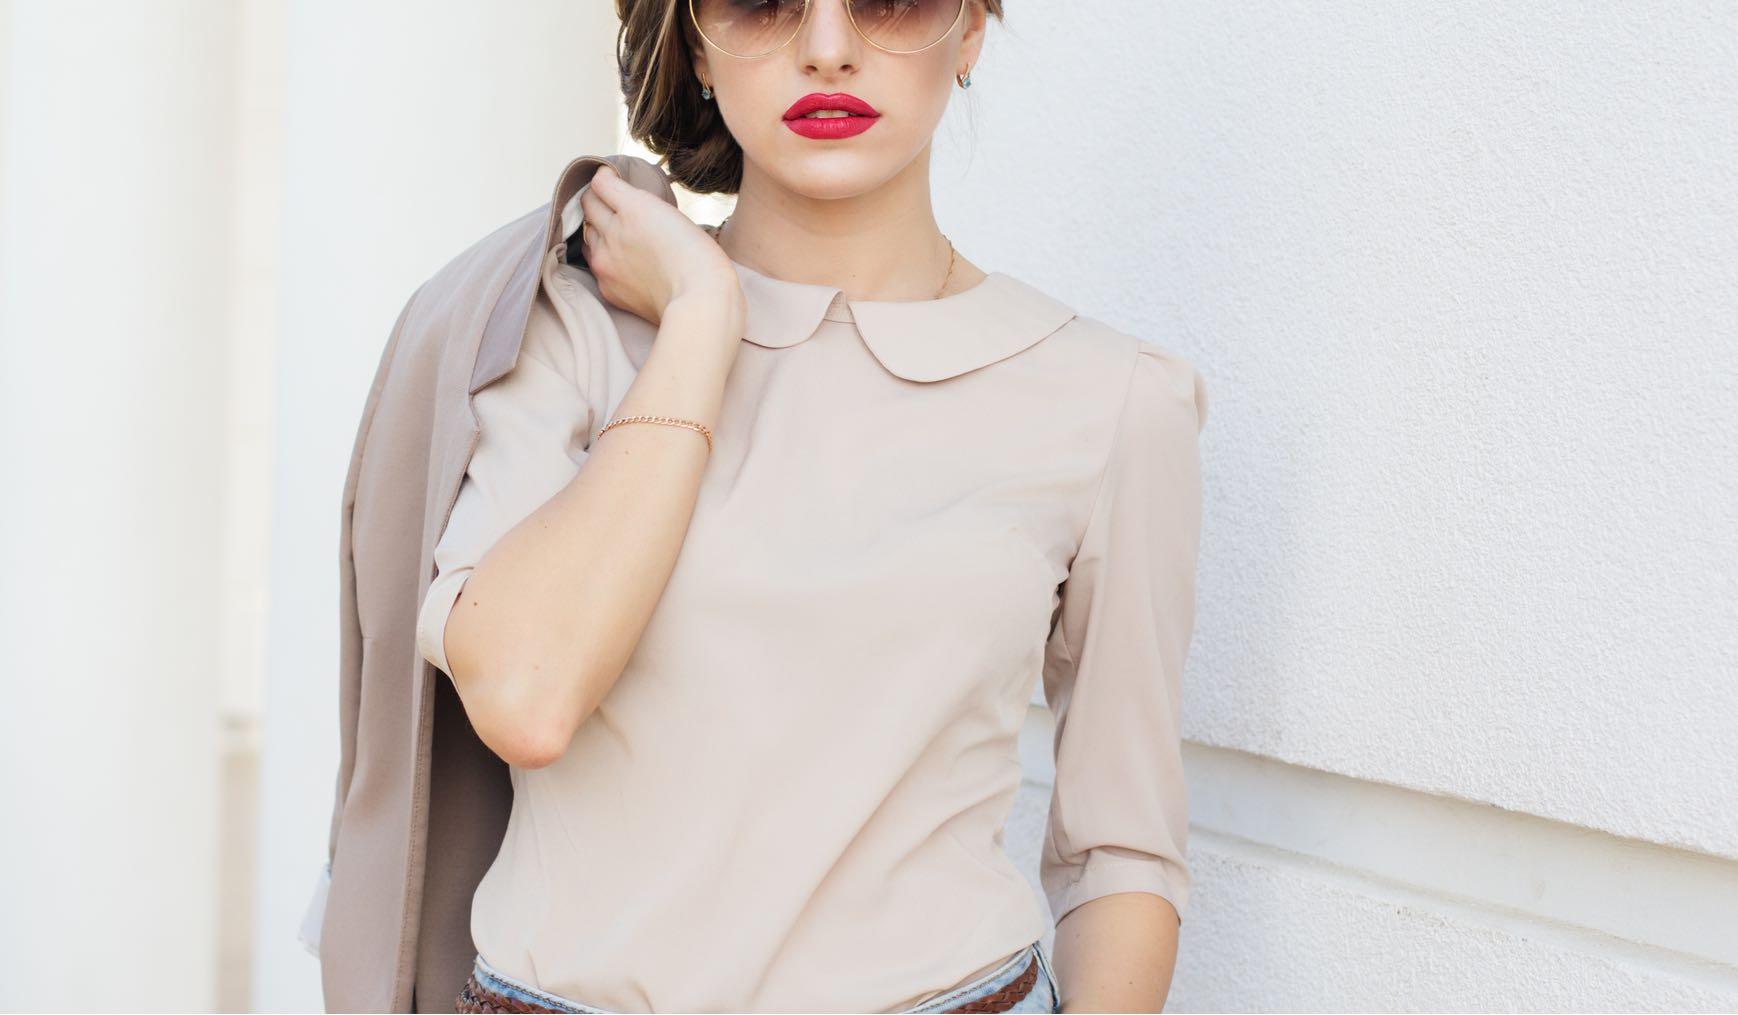 経営者、ビジネスマンの方への<br>ファッションスタイリングサービス